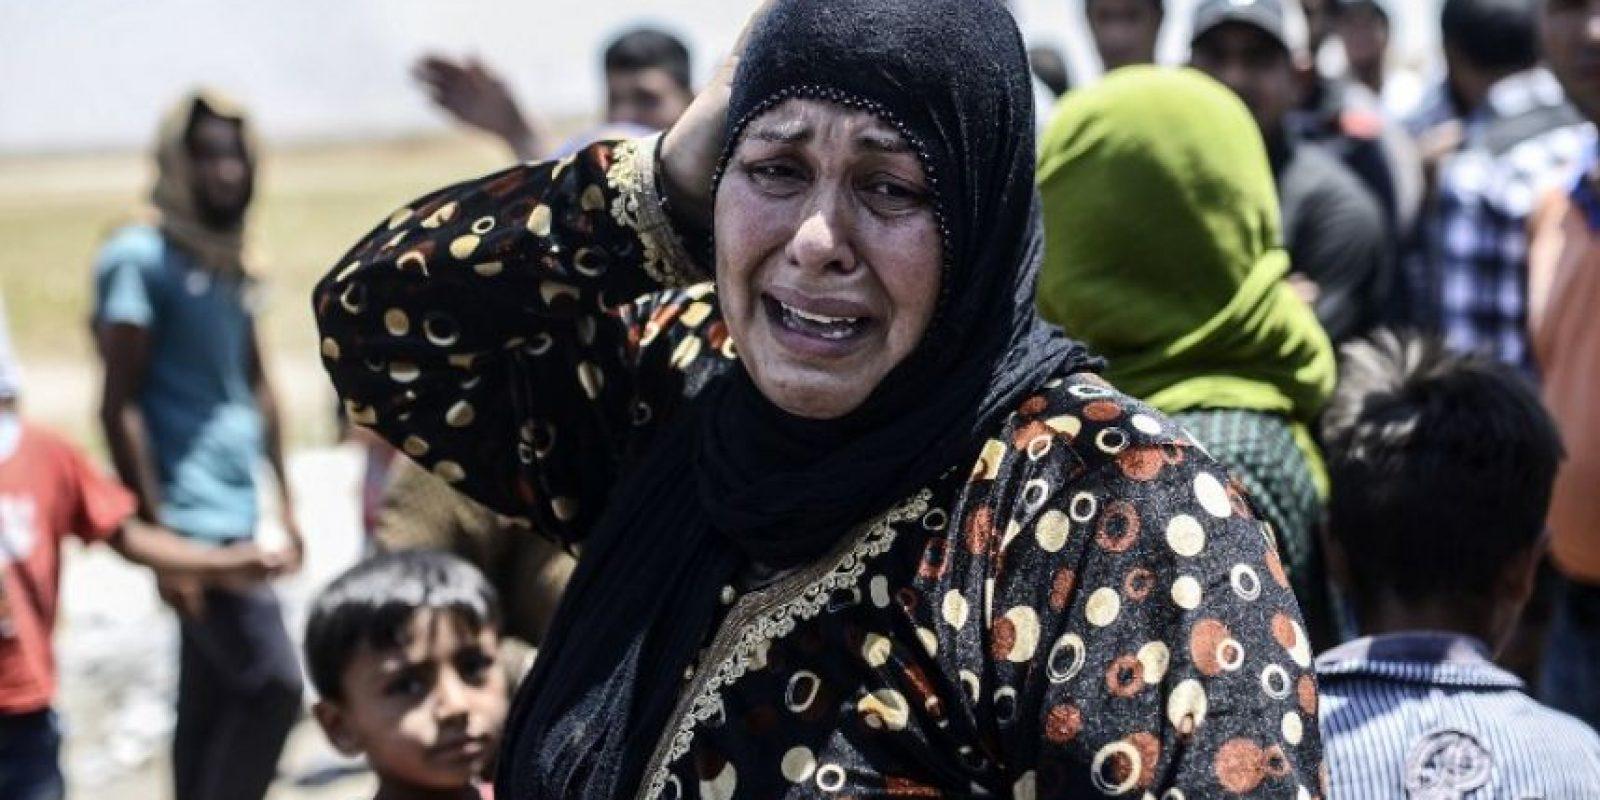 En cuanto a los abusos generalizados cometidos por el ISIS, el estudio cita asesinatos, tortura, violación y esclavitud sexual, conversiones religiosas forzadas y el reclutamiento de niños para combatir. Foto:AFP